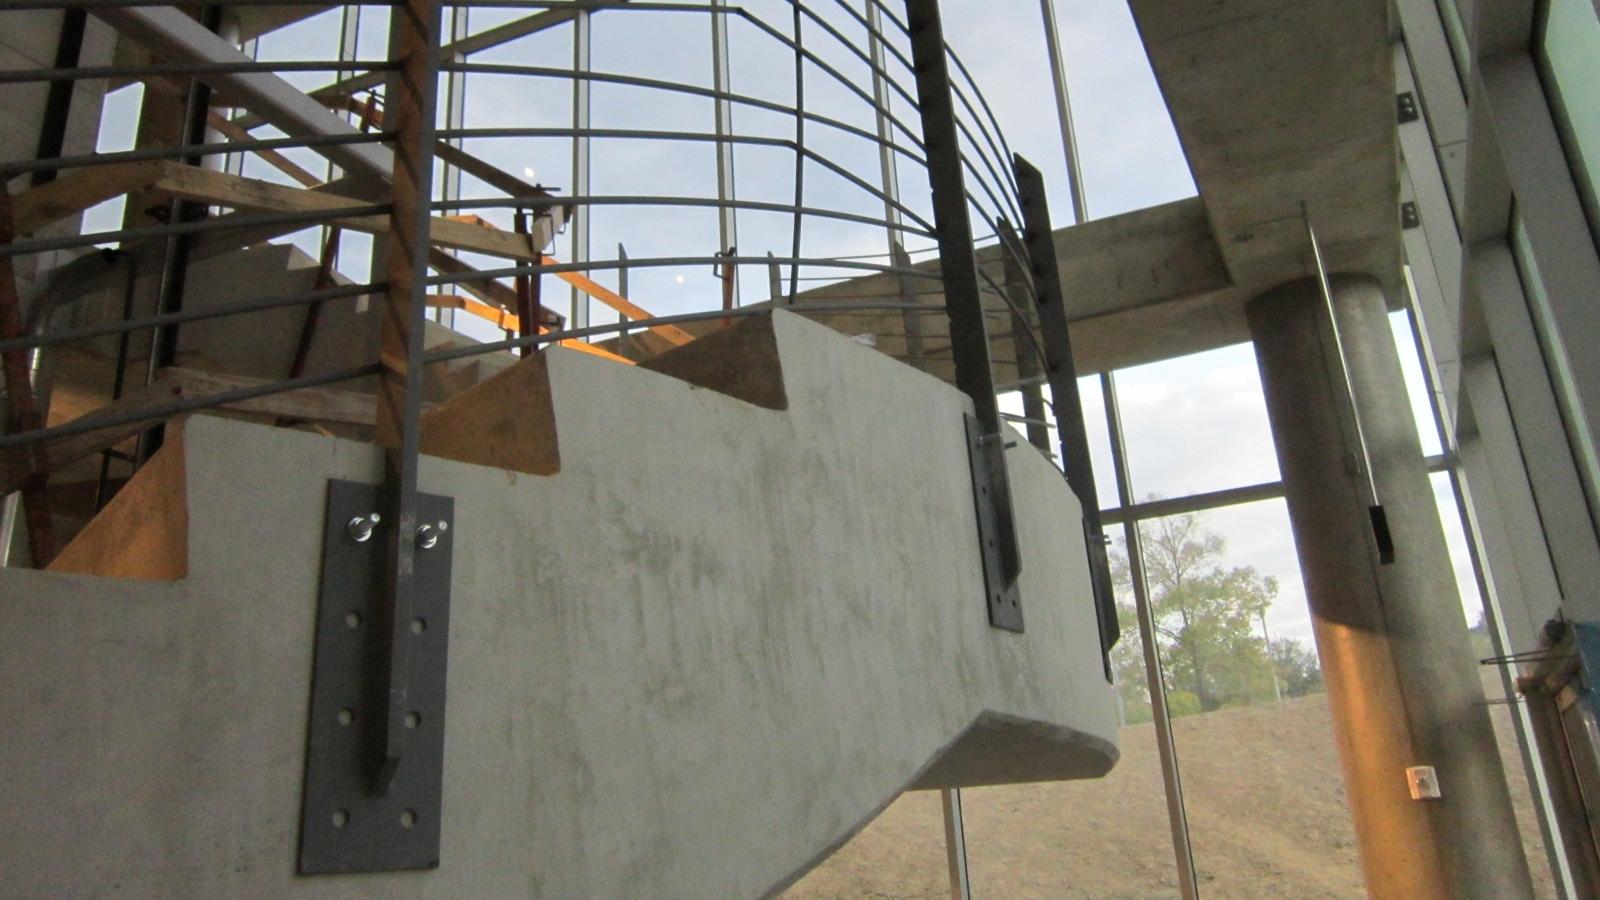 Railings being installed.